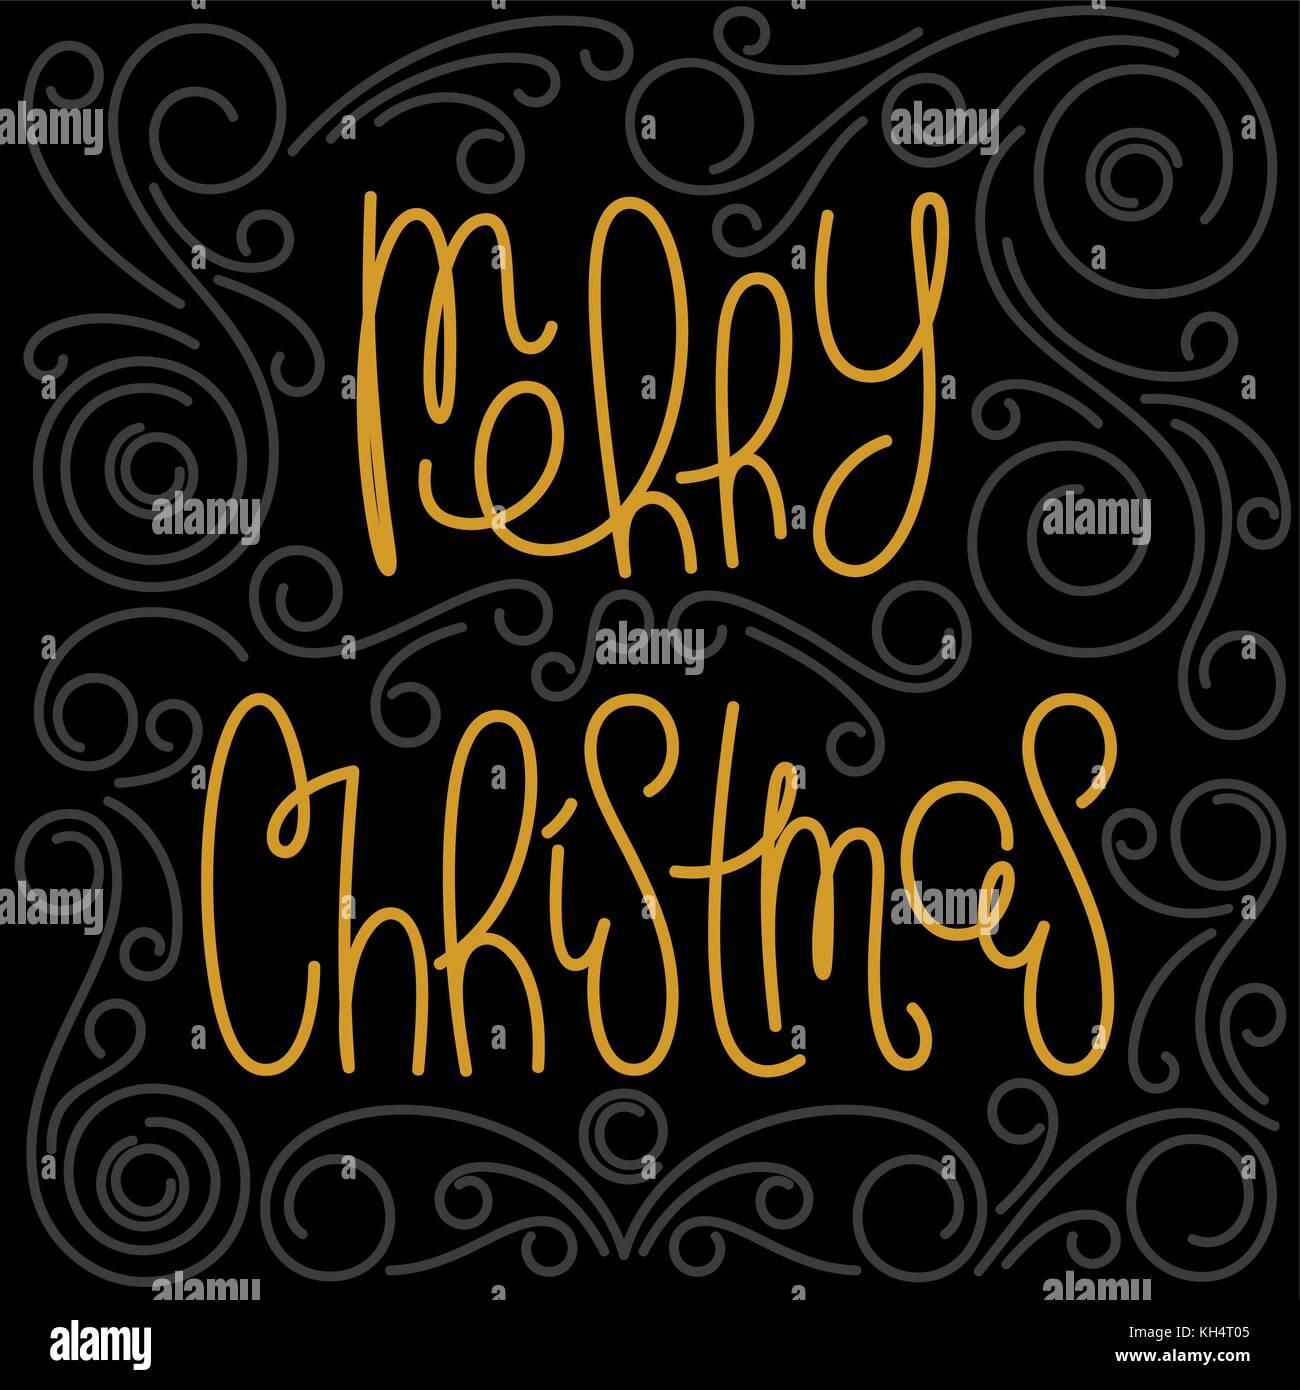 Buon Natale Originale.Buon Natale Lineare Caratteri Scritti A Mano Con Un Originale